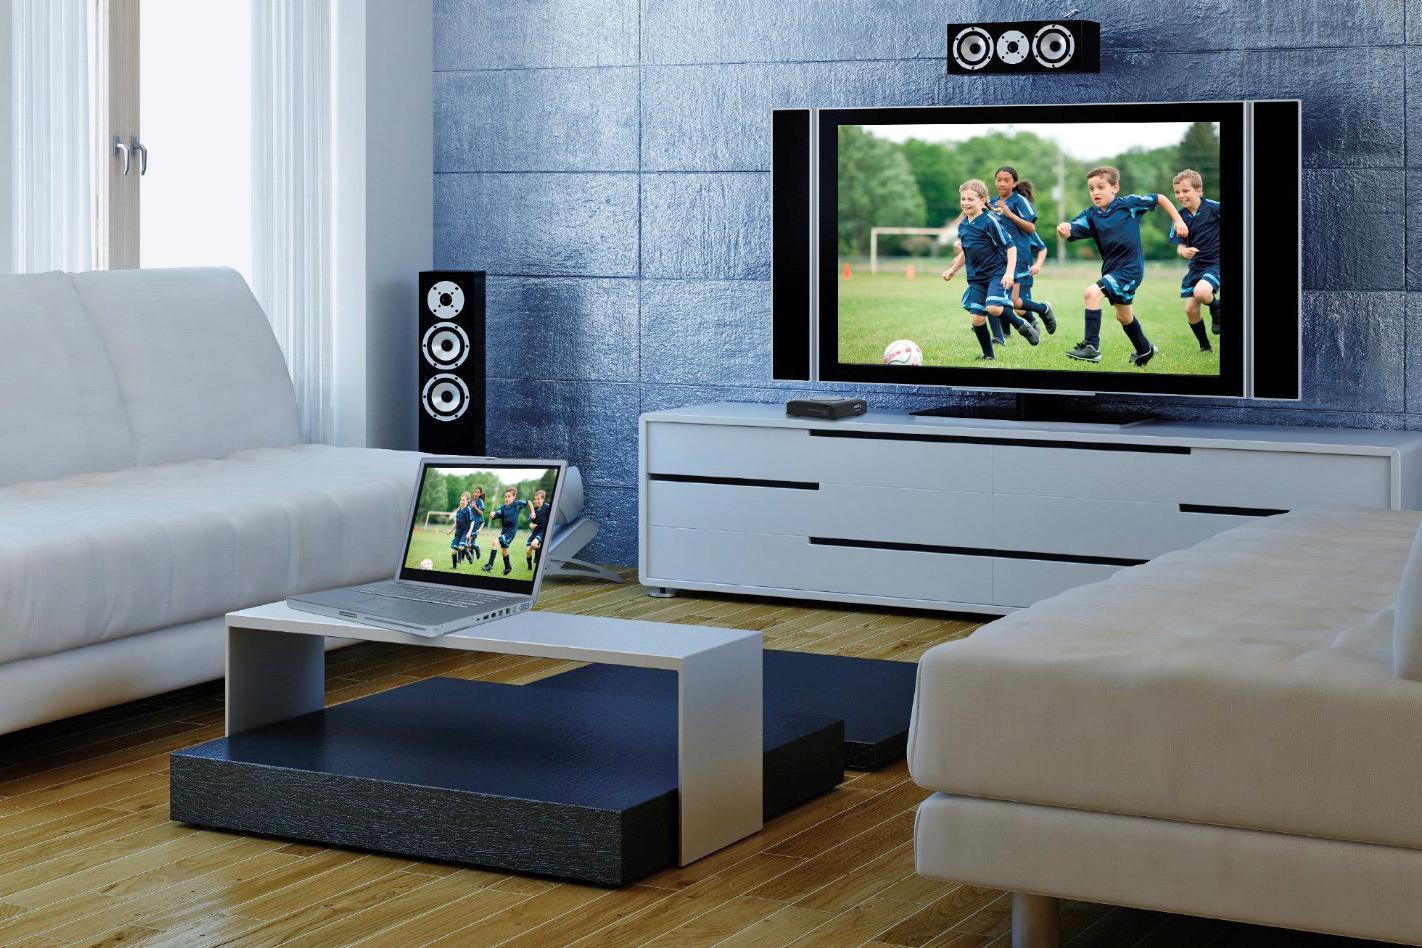 Телевизор на столе рядом с ноутбуком